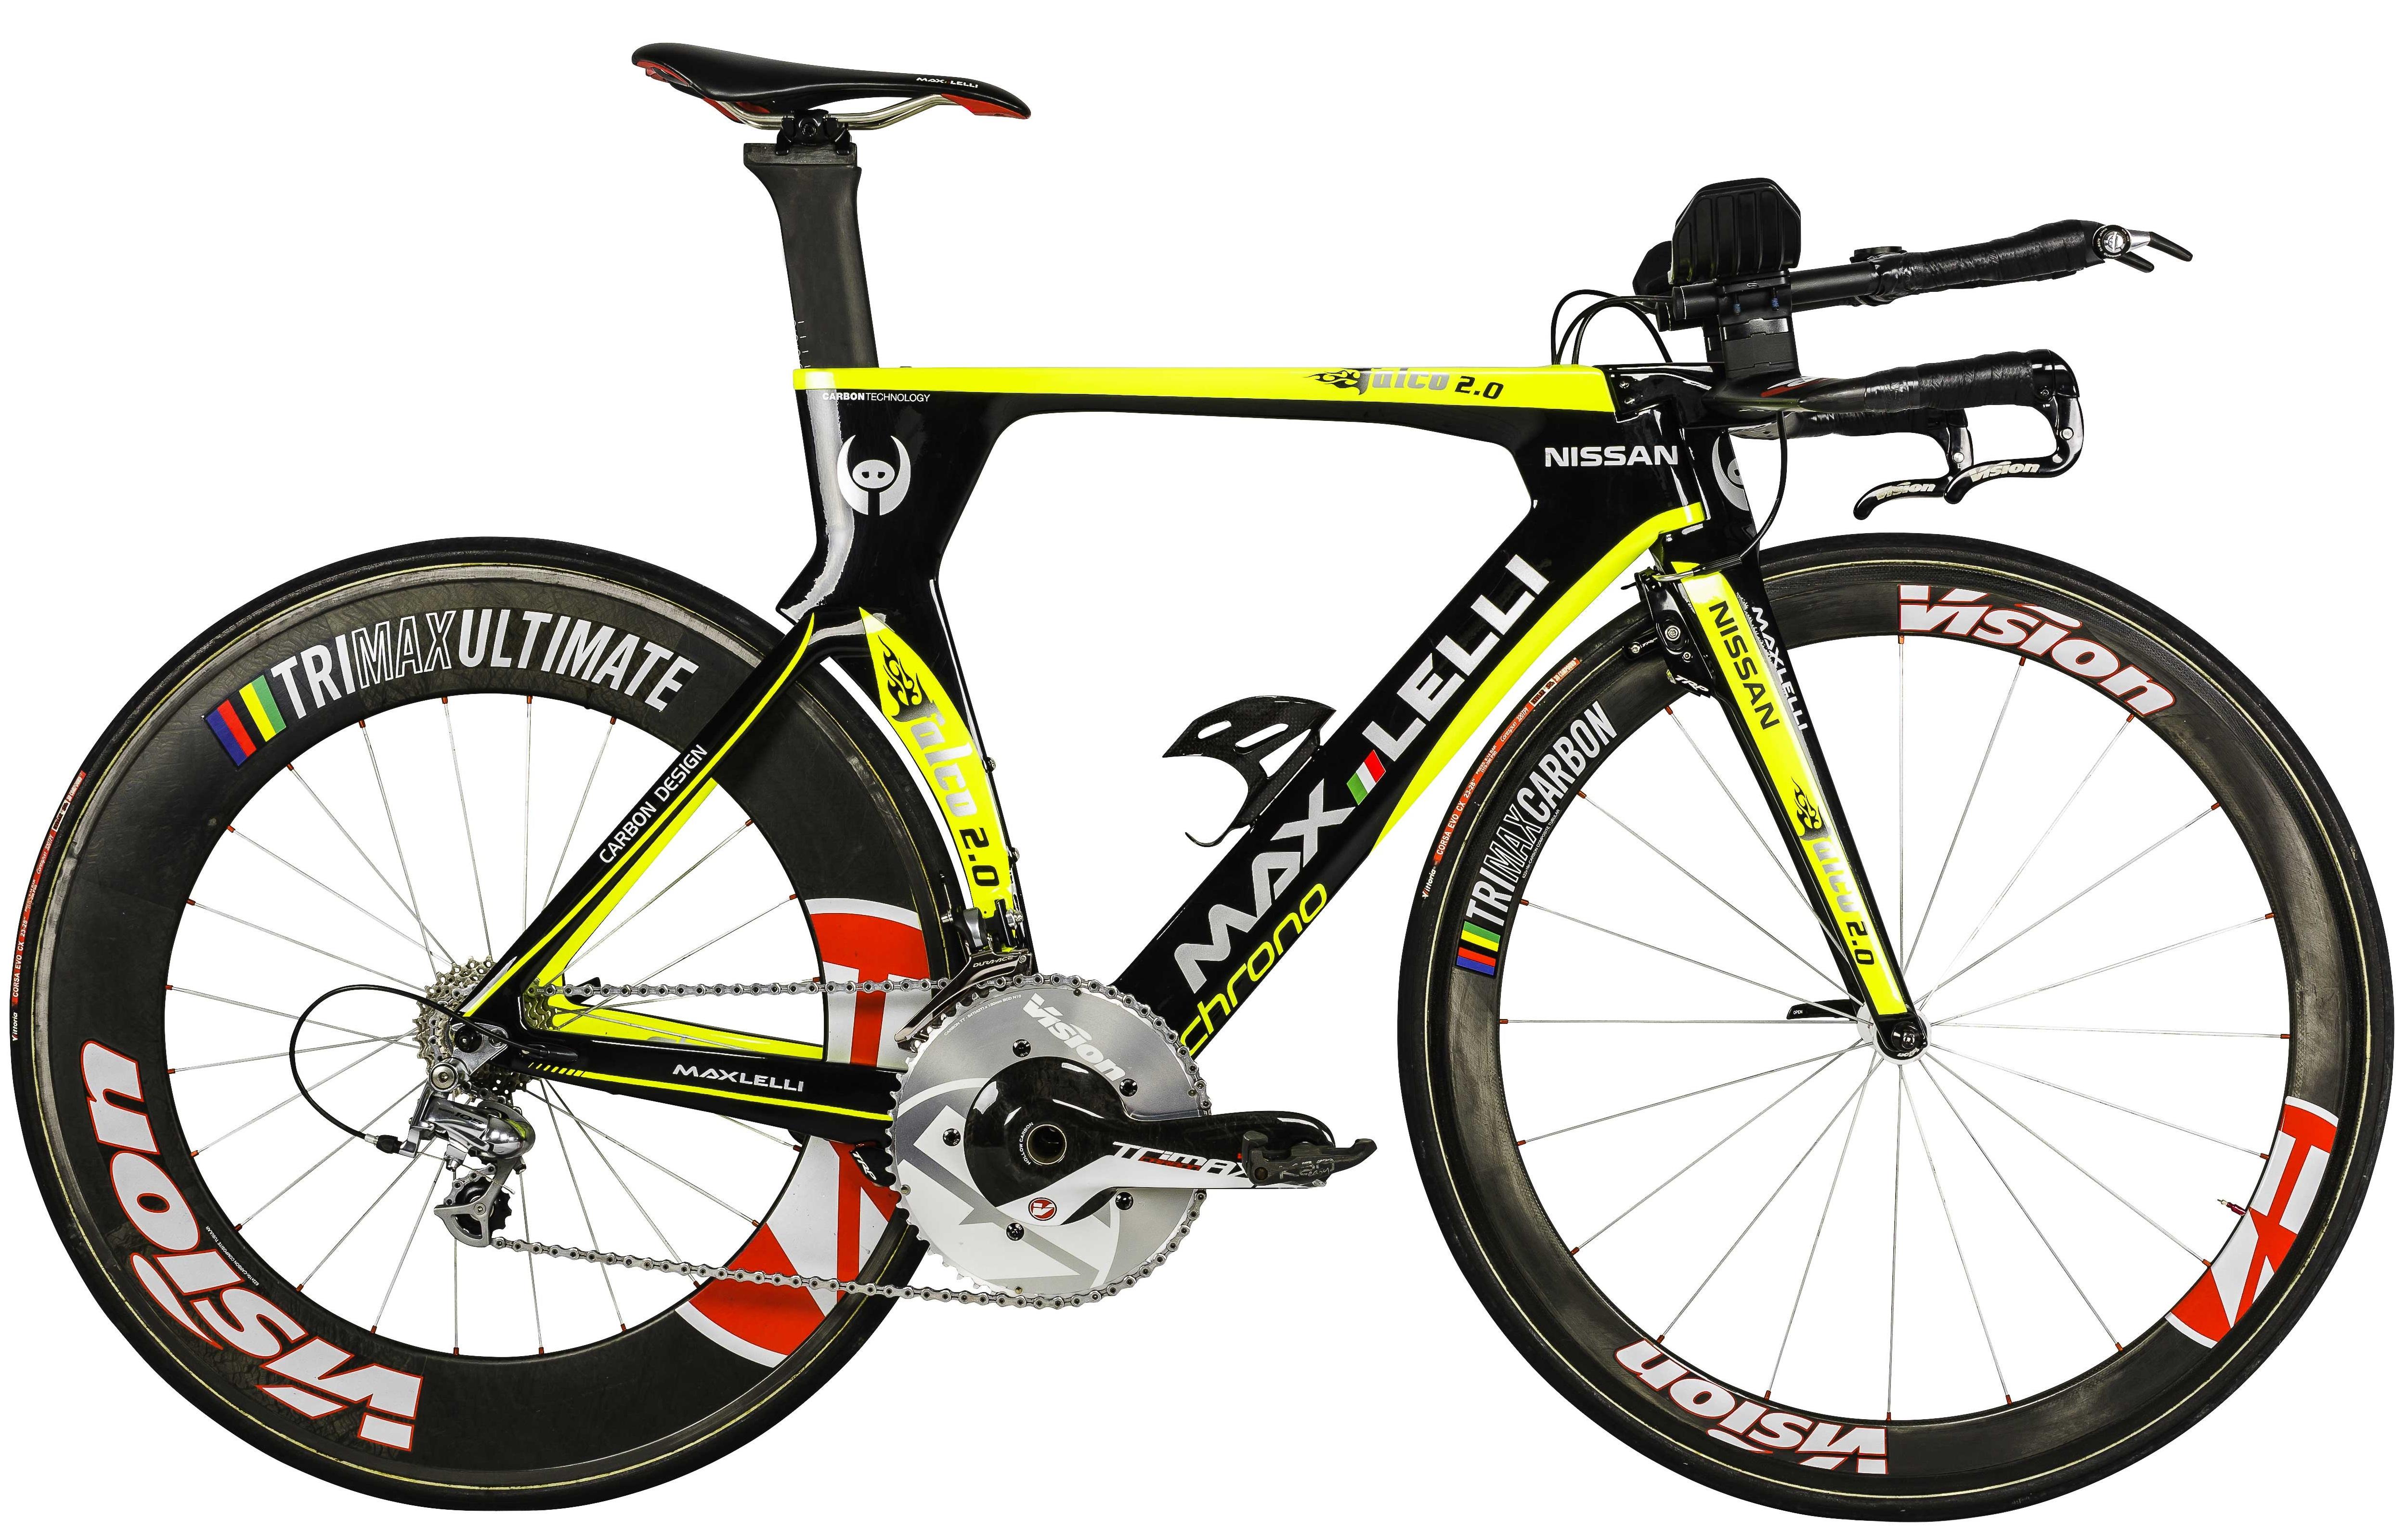 Triathlon Bikes Bikewar